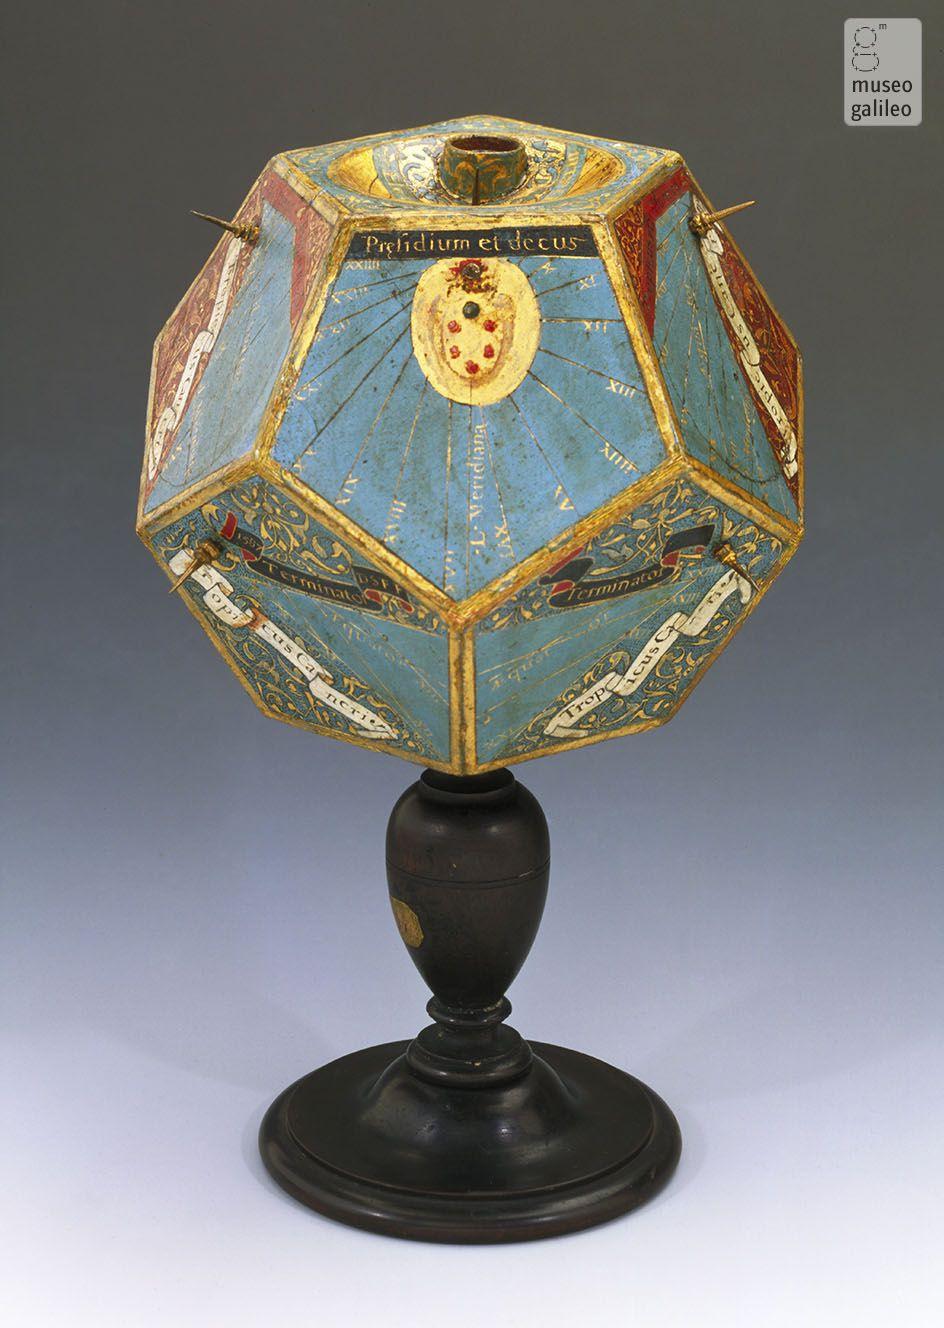 Los poliédricos relojes de sol del Museo Galileo en Florencia.